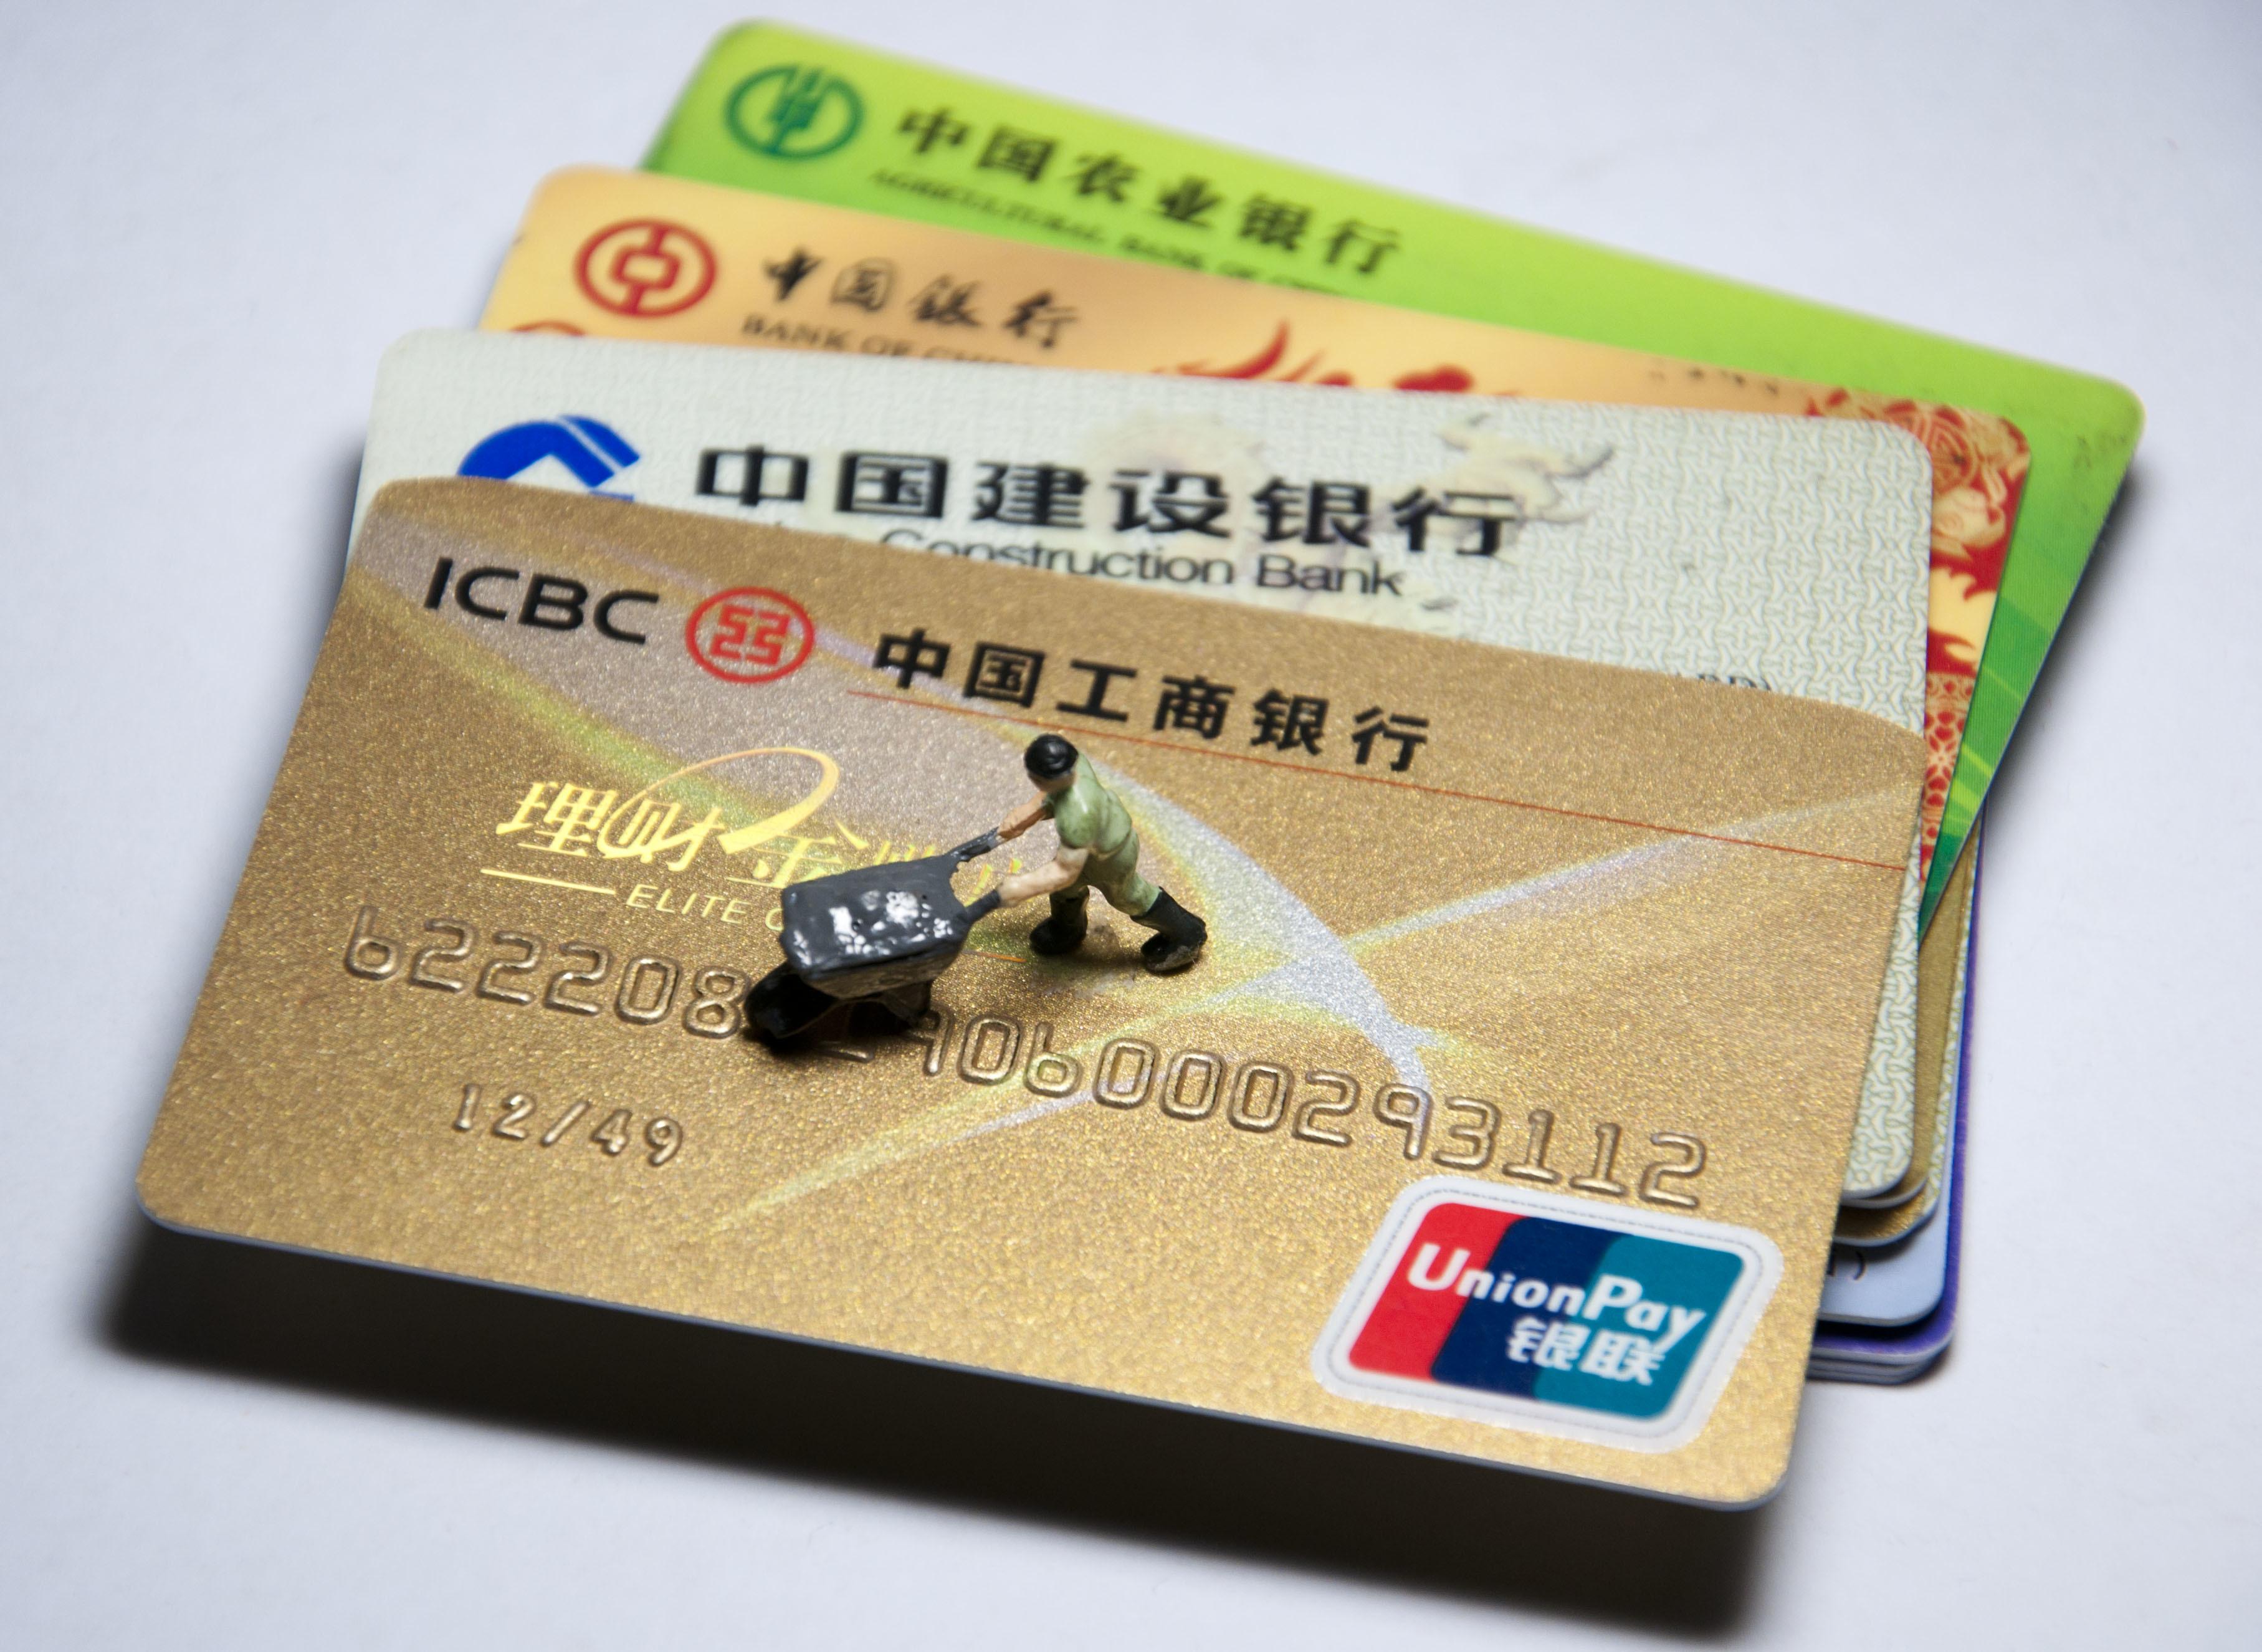 提升信用卡额度,针对每个人都有不同的方法!